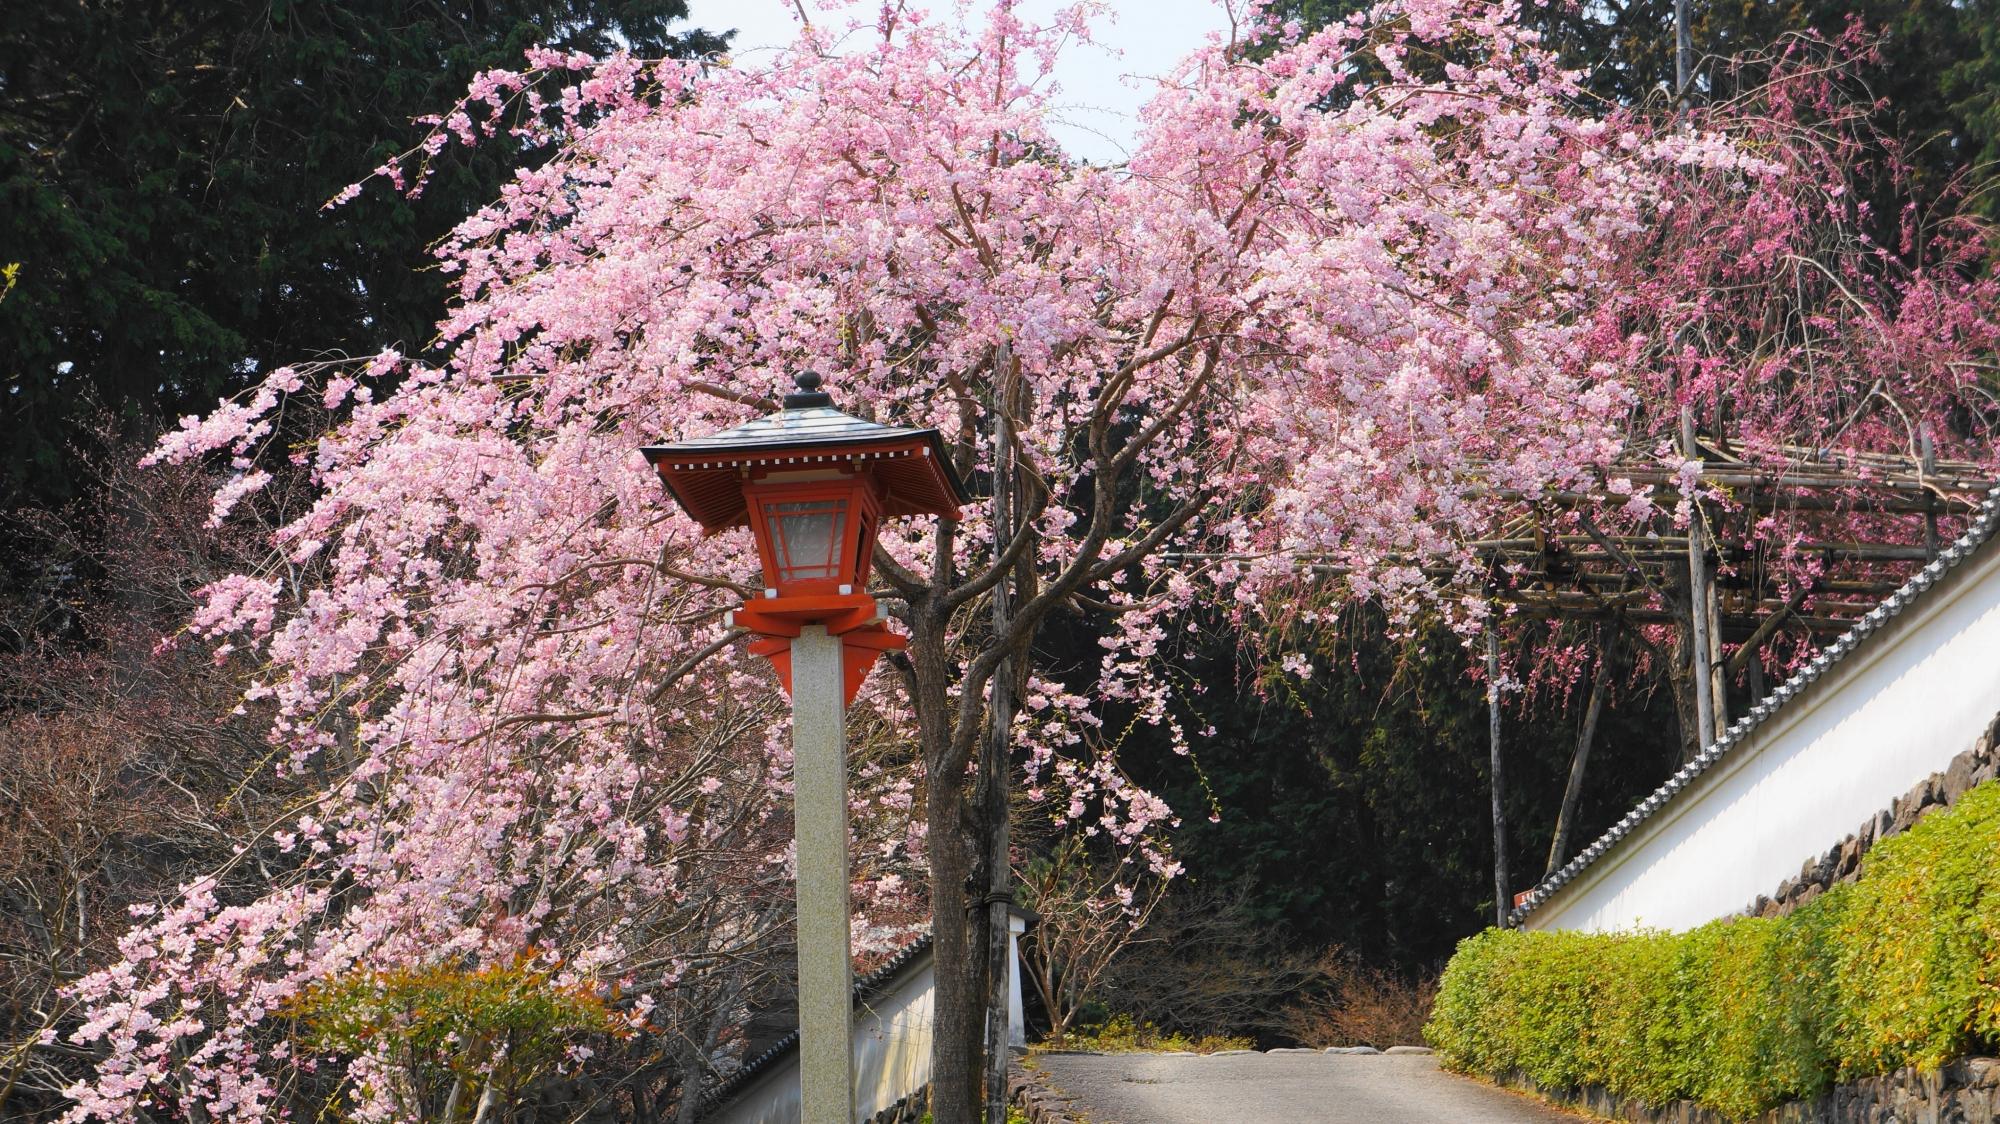 溢れんばかりの満開のピンクのしだれ桜